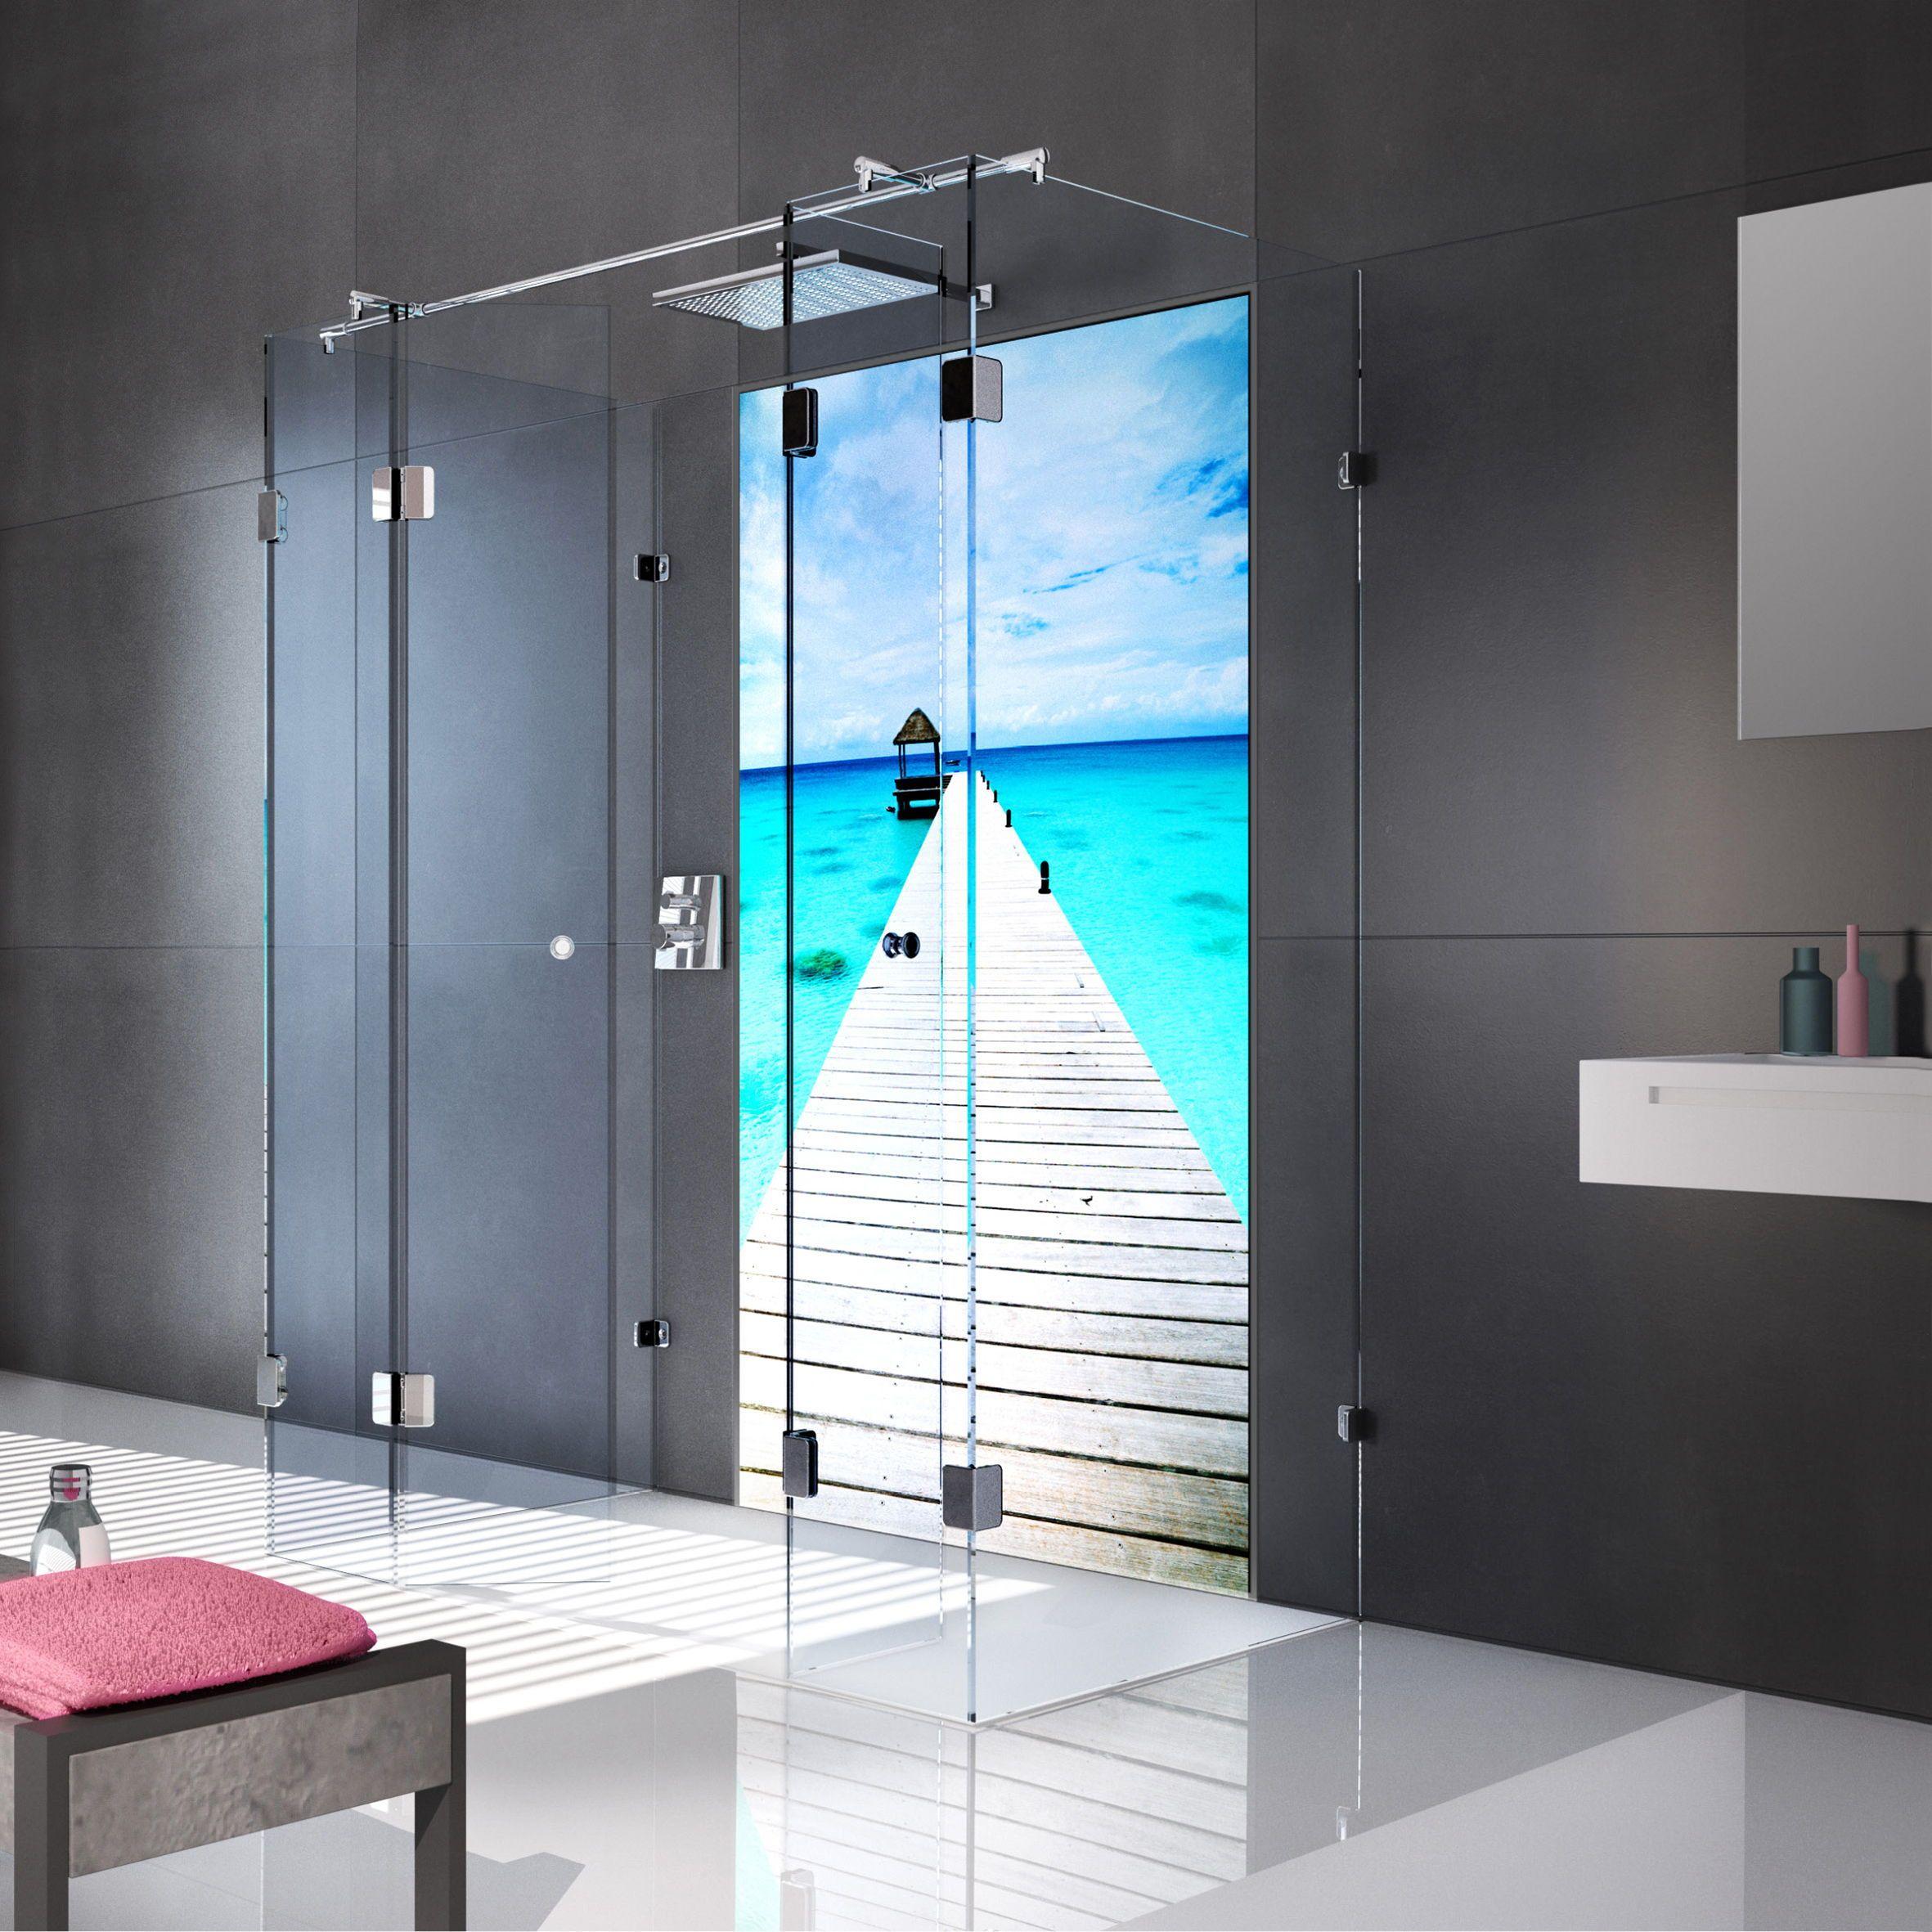 Finde Jetzt Dein Traumbad Wertvolle Tipps Von Der Planung Bis Zur Umsetzung Duschwand Badezimmer Badezimmerbeleuchtung